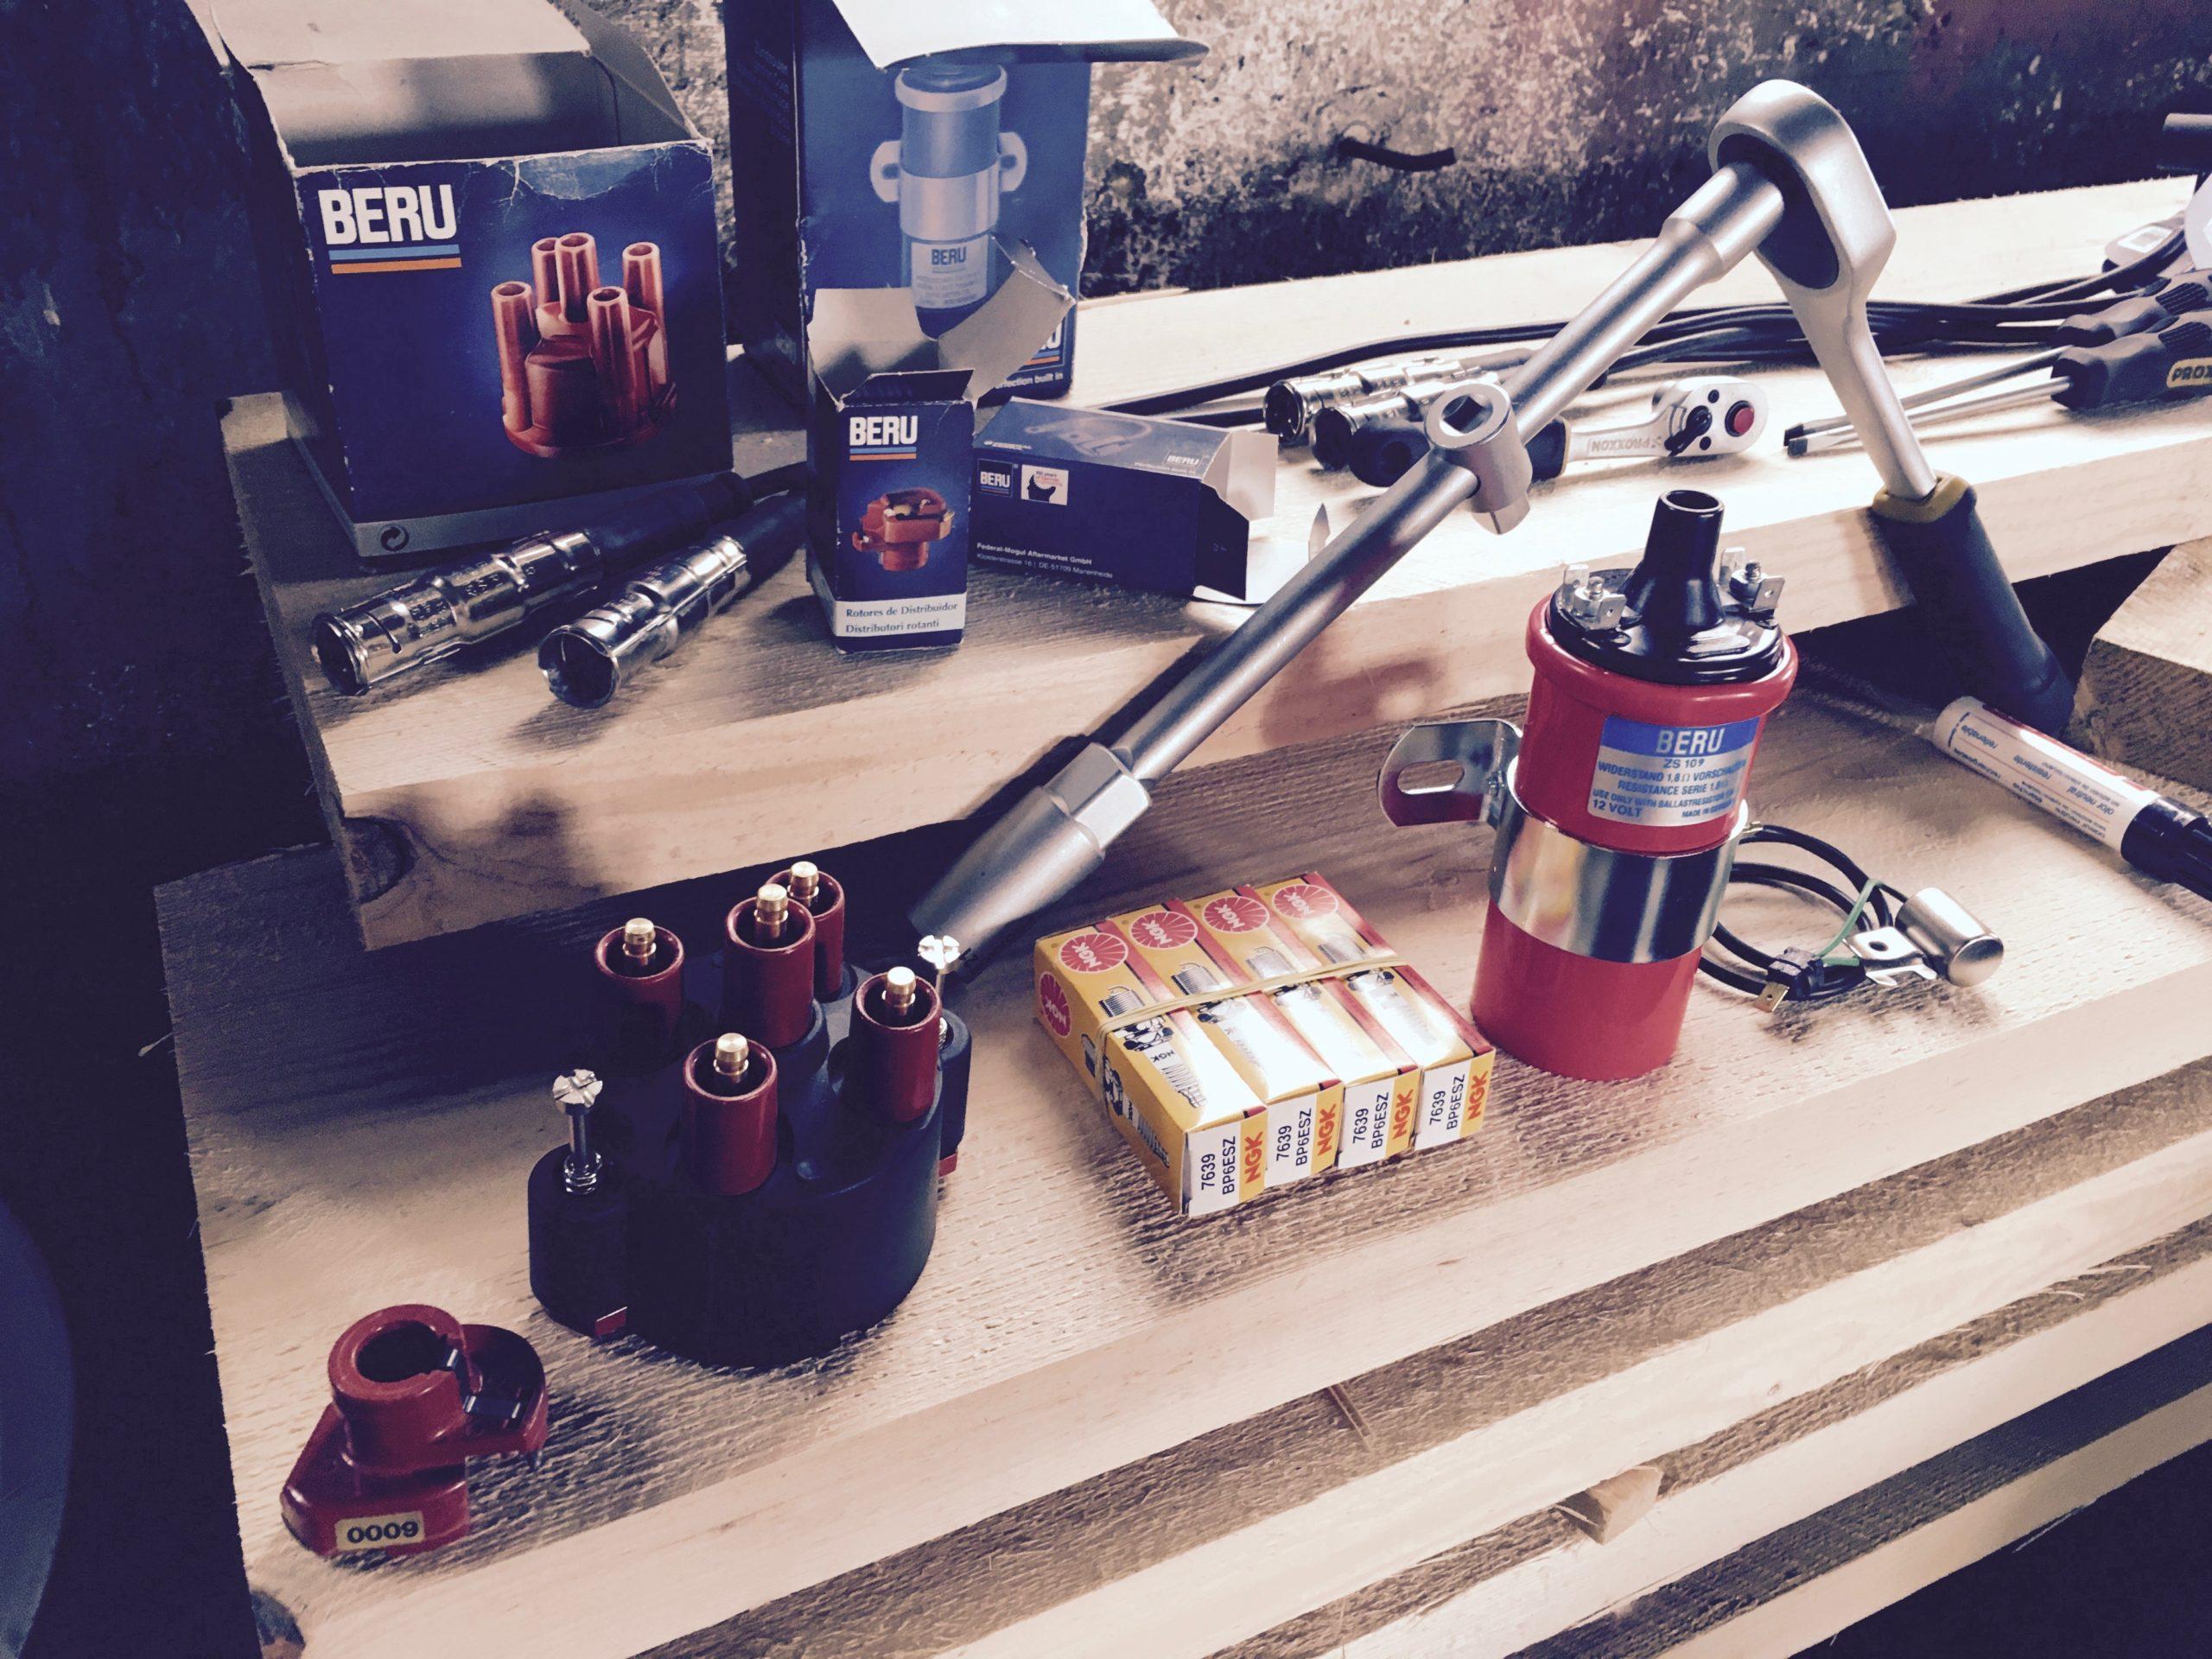 Zuendanlage erneuert - Ersatzteile